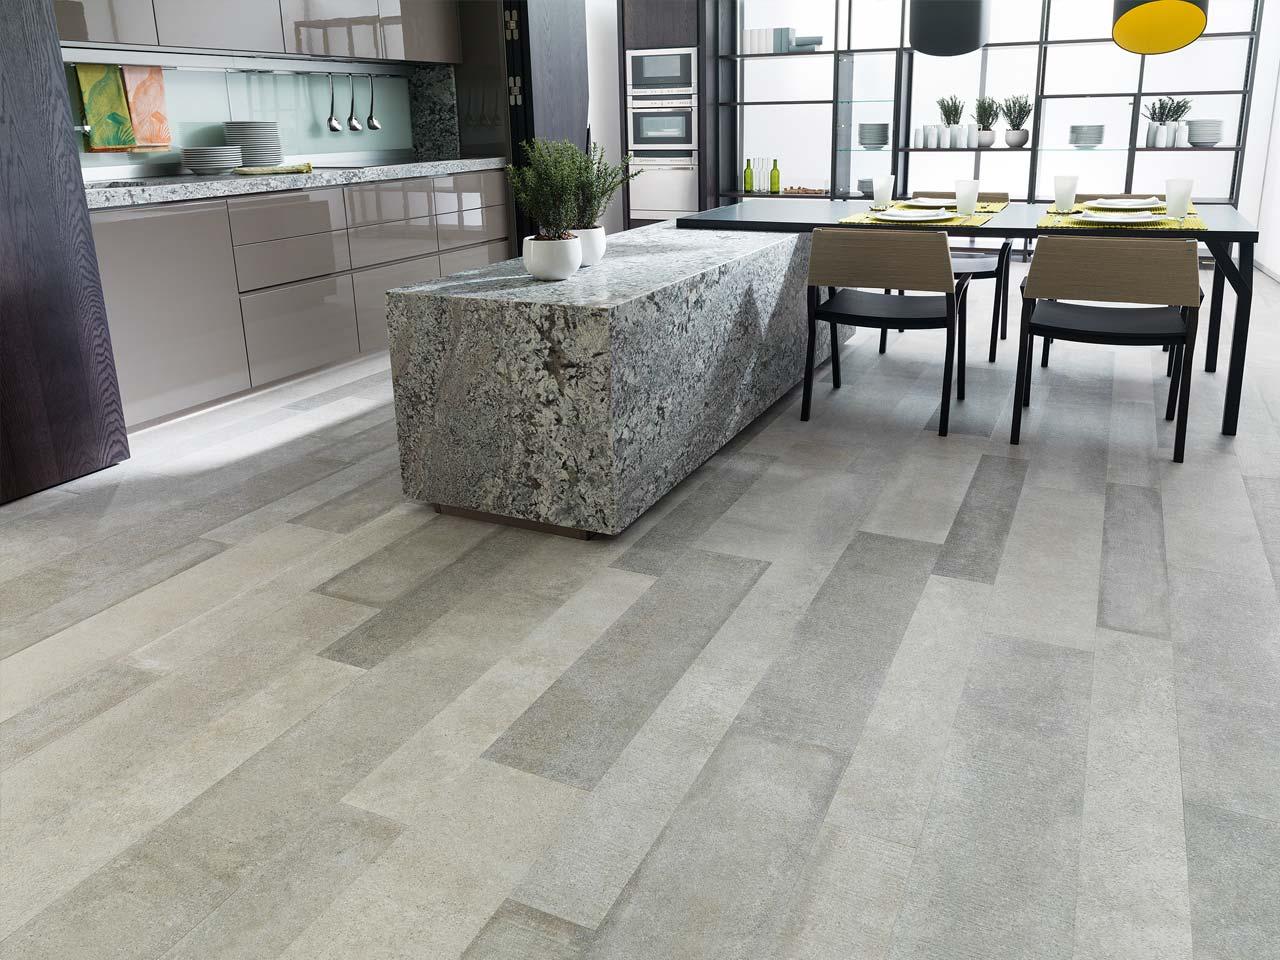 Pavimento effetto legno in gres porcellanato for Design del pavimento domestico